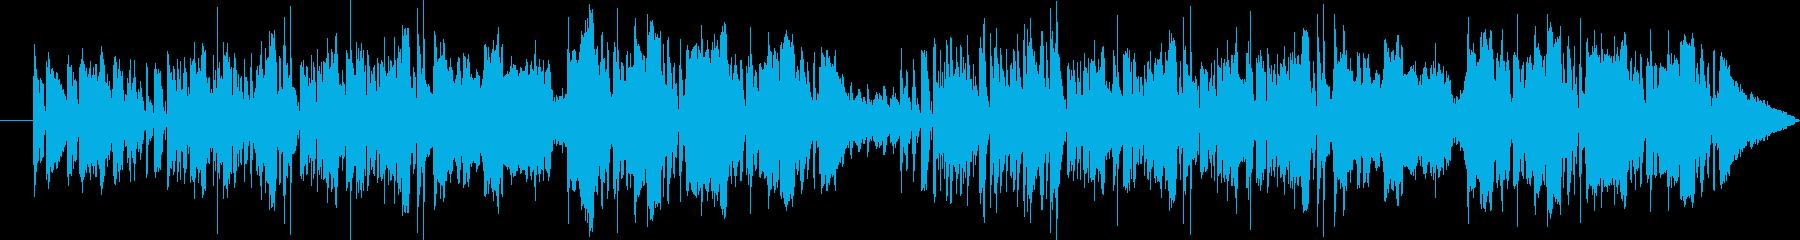 バイオリンがメロディでテンポは速いですの再生済みの波形